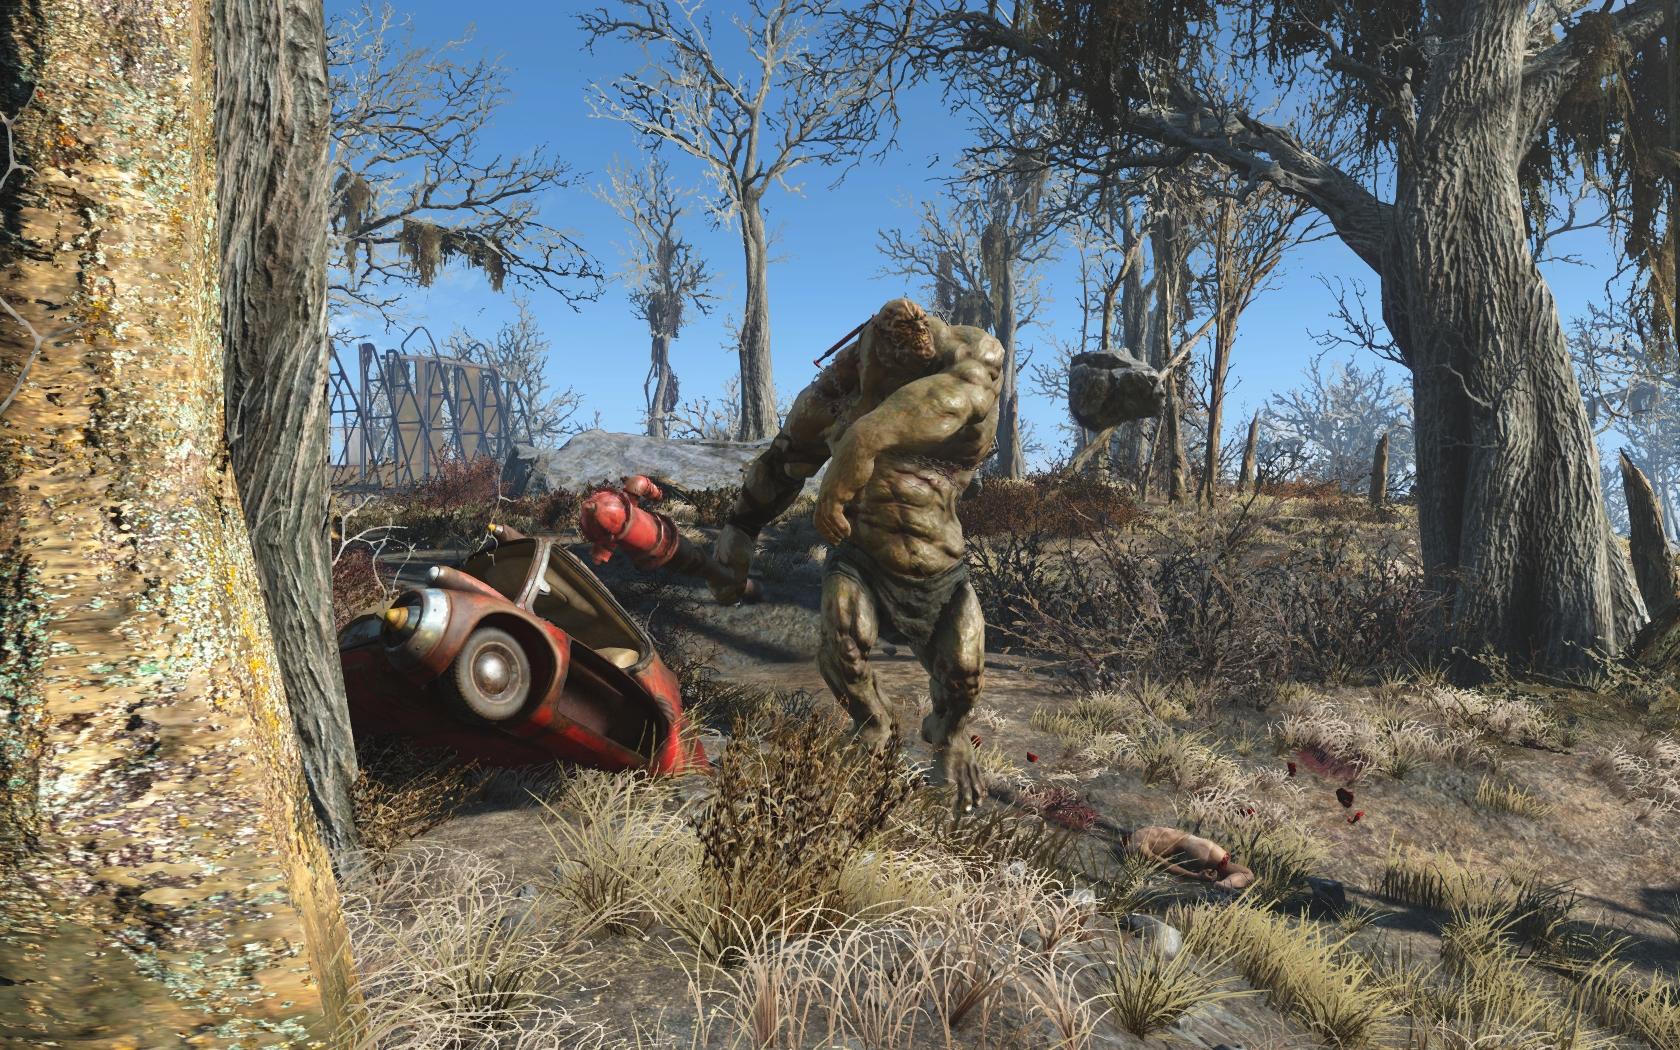 Чудище (юго-западнее Теплицы Гринтоп) - Fallout 4 Теплица Гринтоп, Чудище